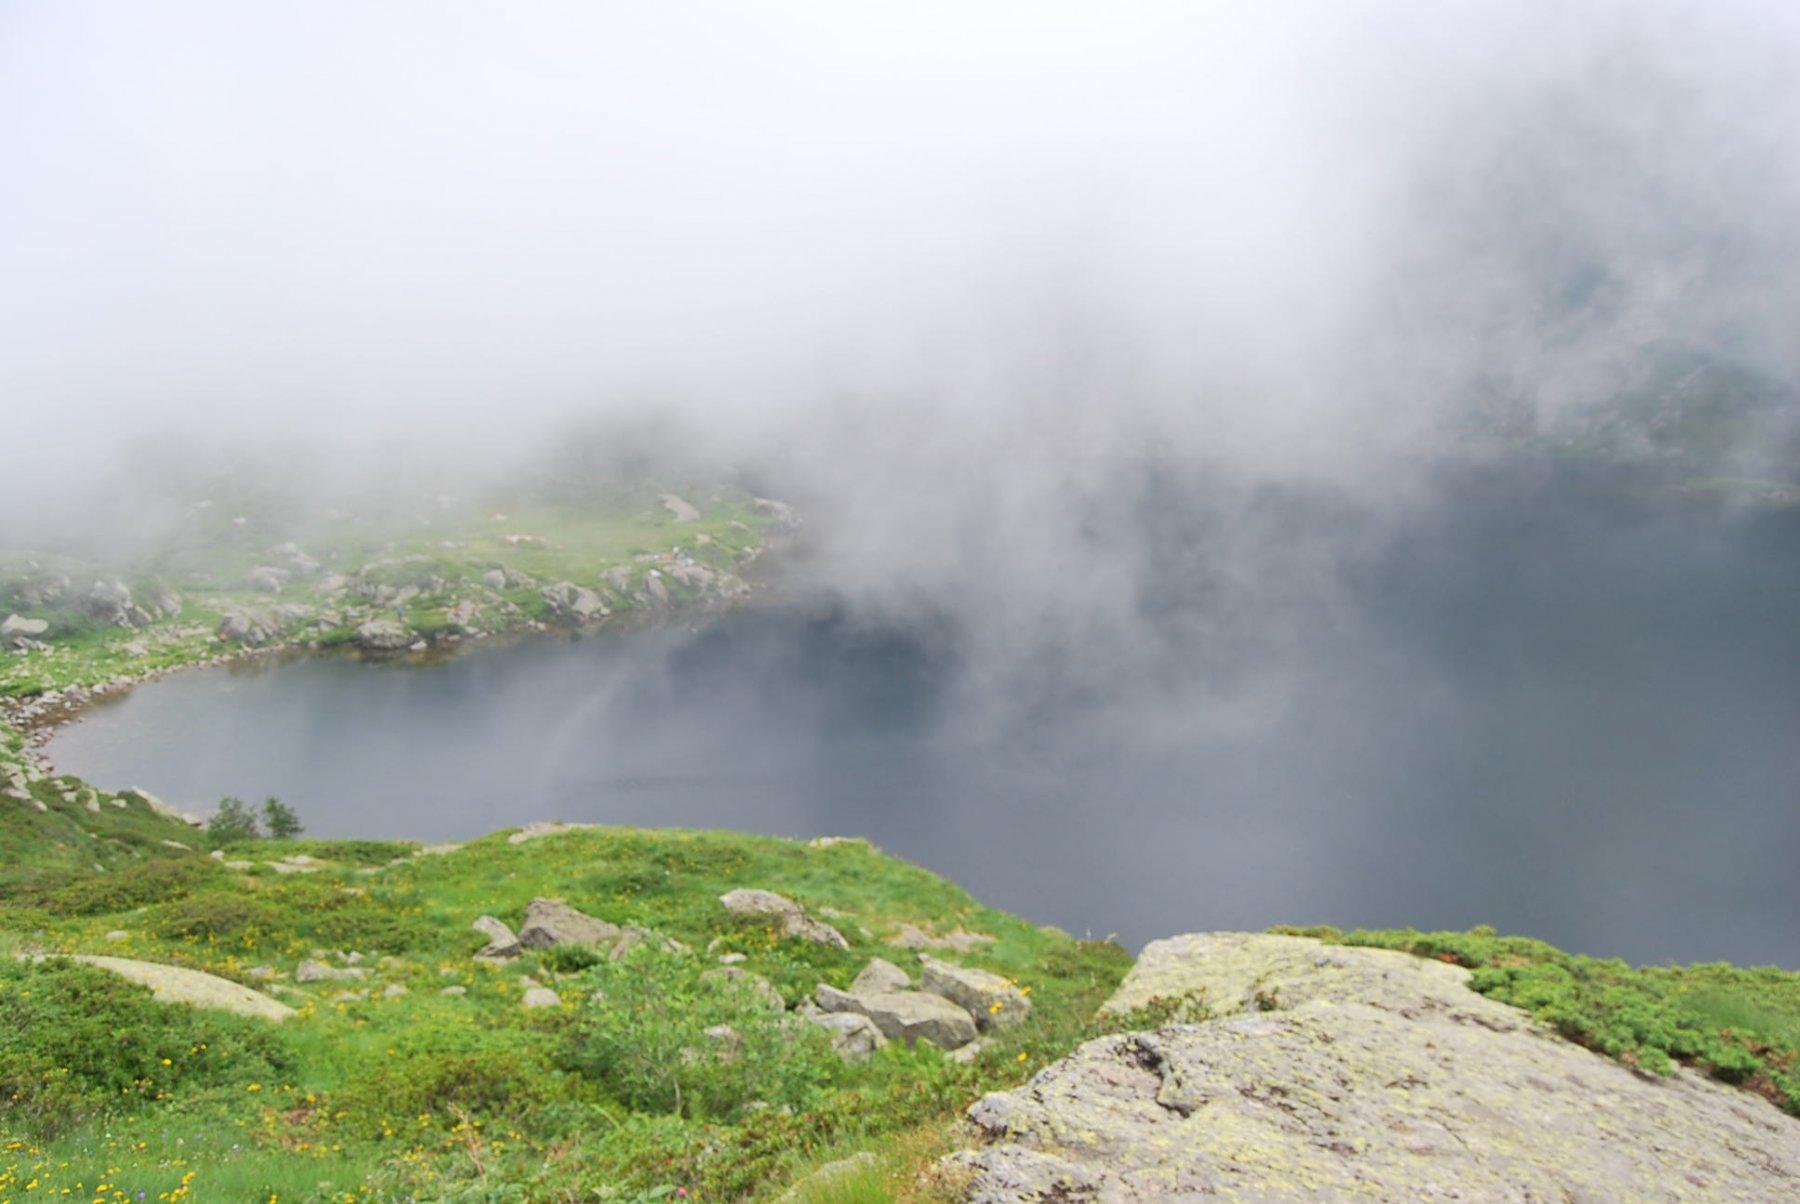 Il Lago della Vecchia. Oggi impossibile scorgere sulla superficie un fantasma dai lunghi e bianchi capelli